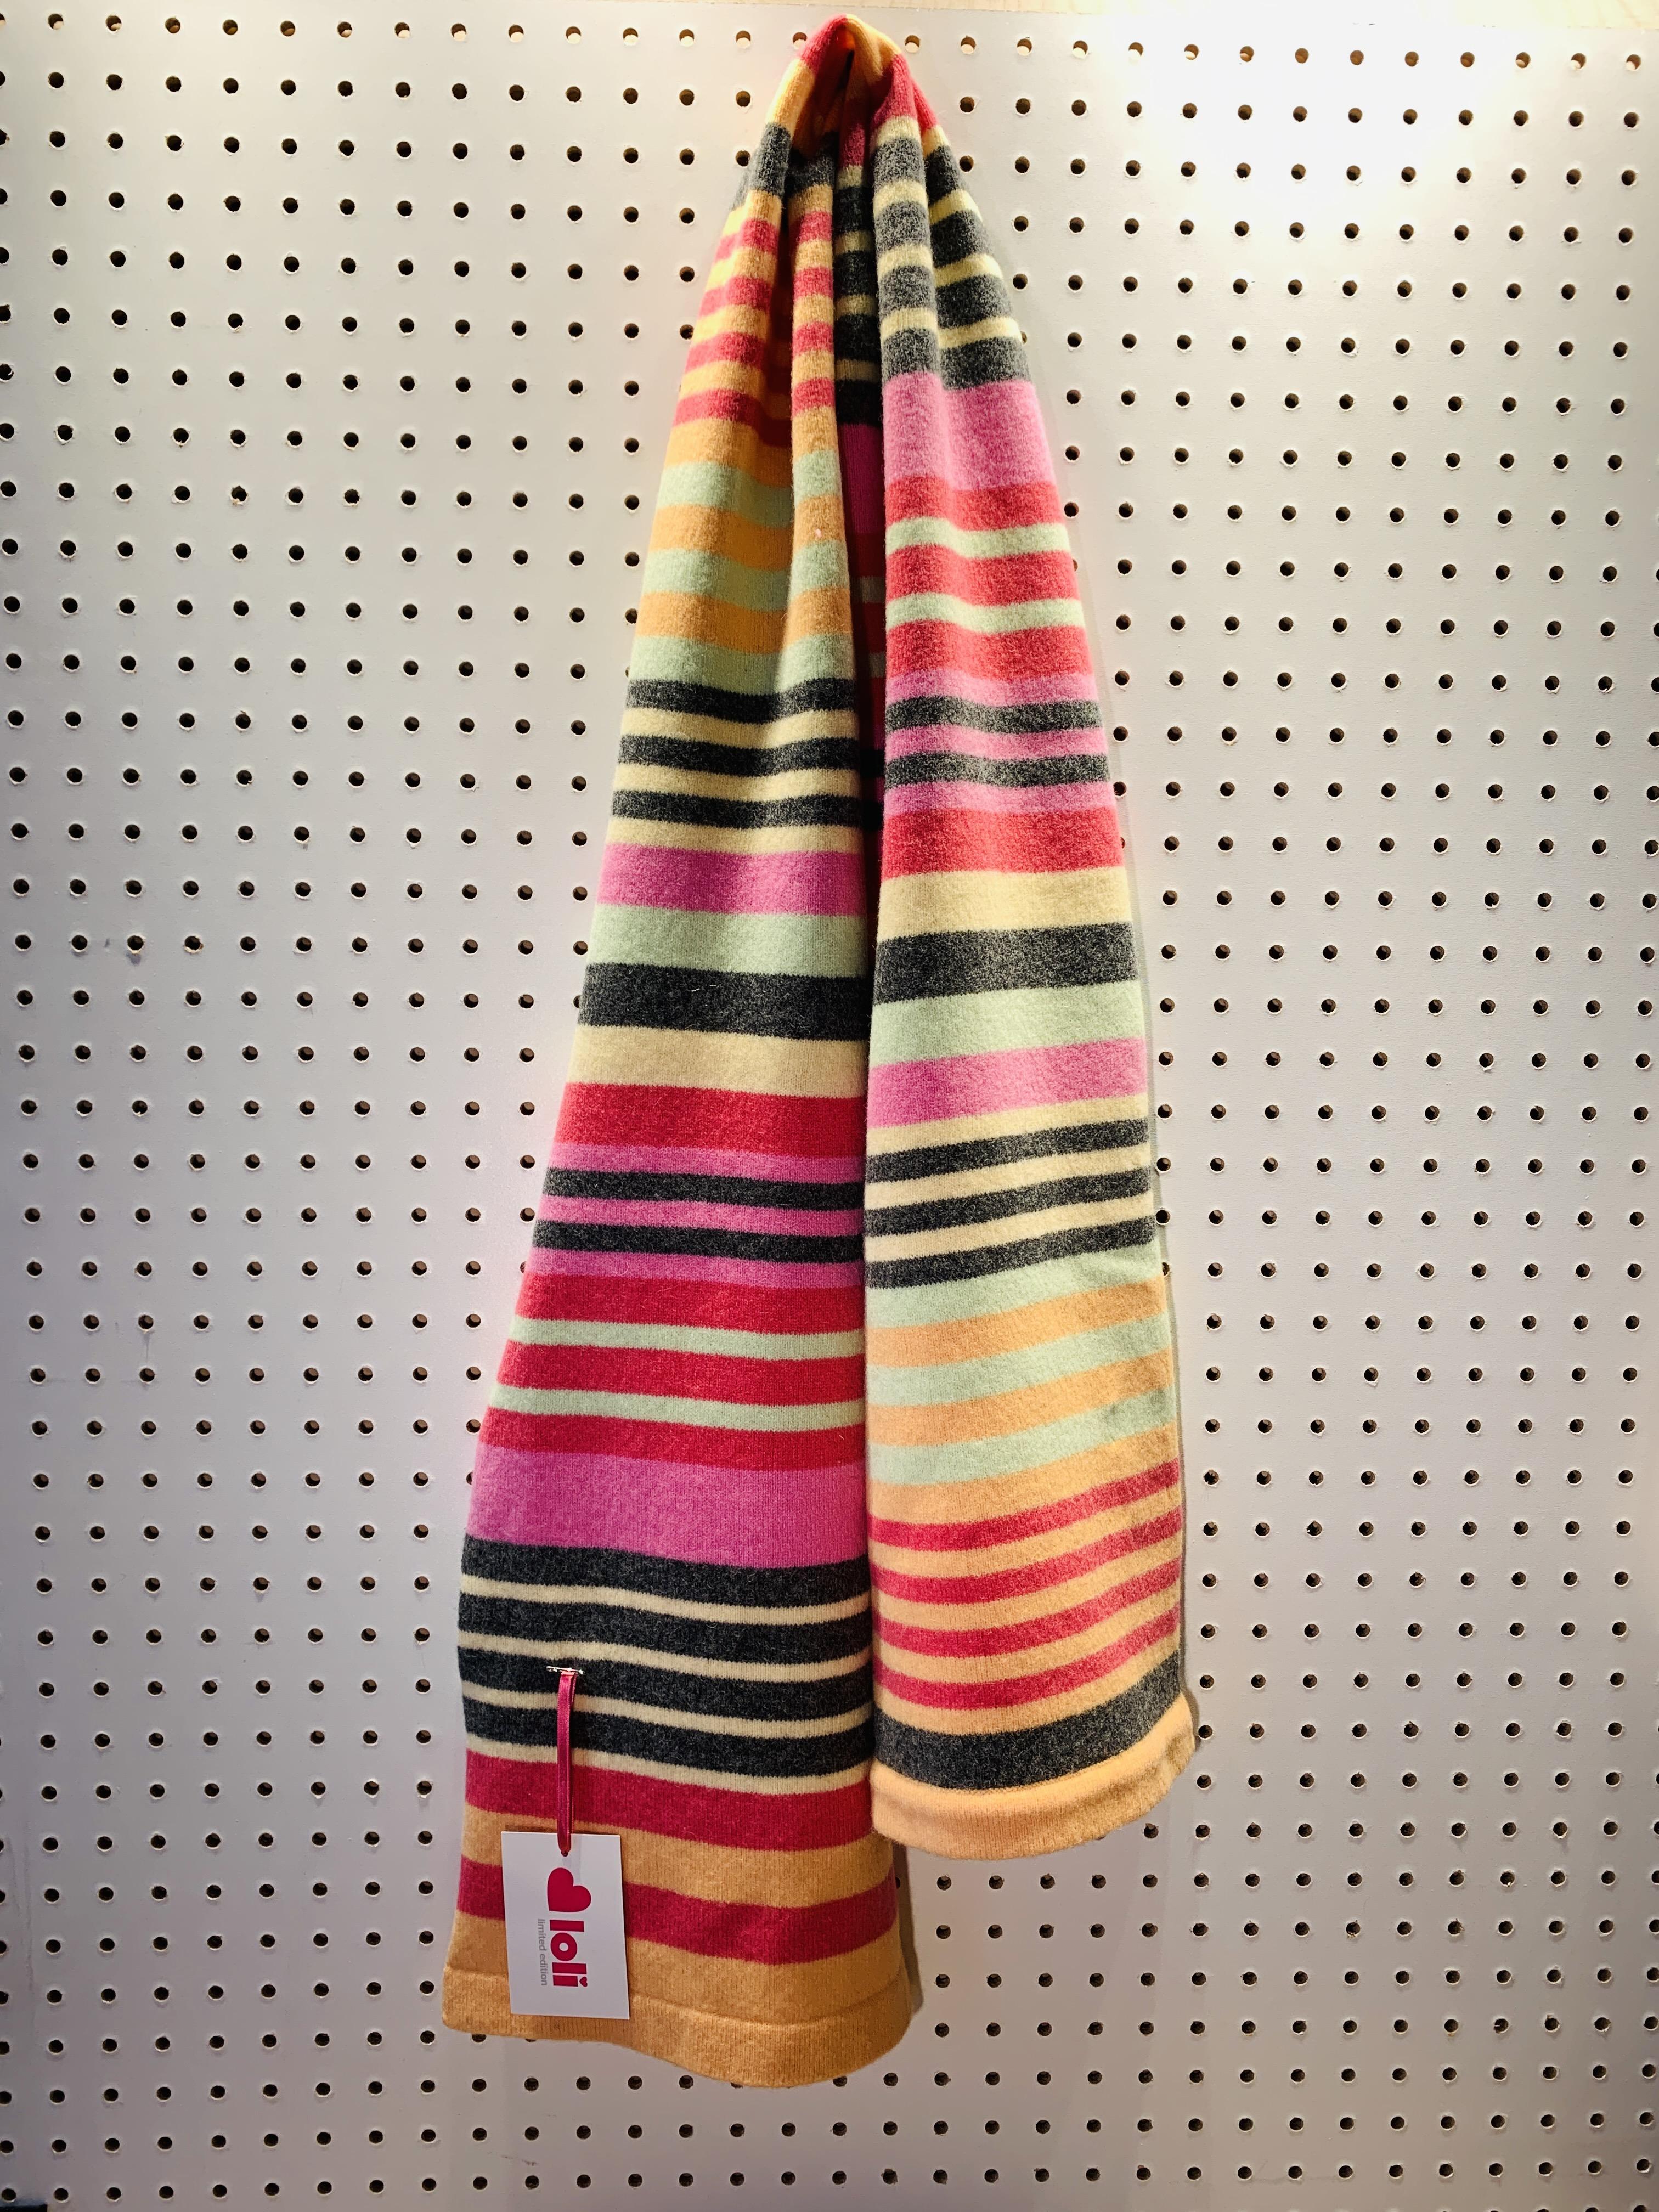 Loli Knit - Monochrome Scarf